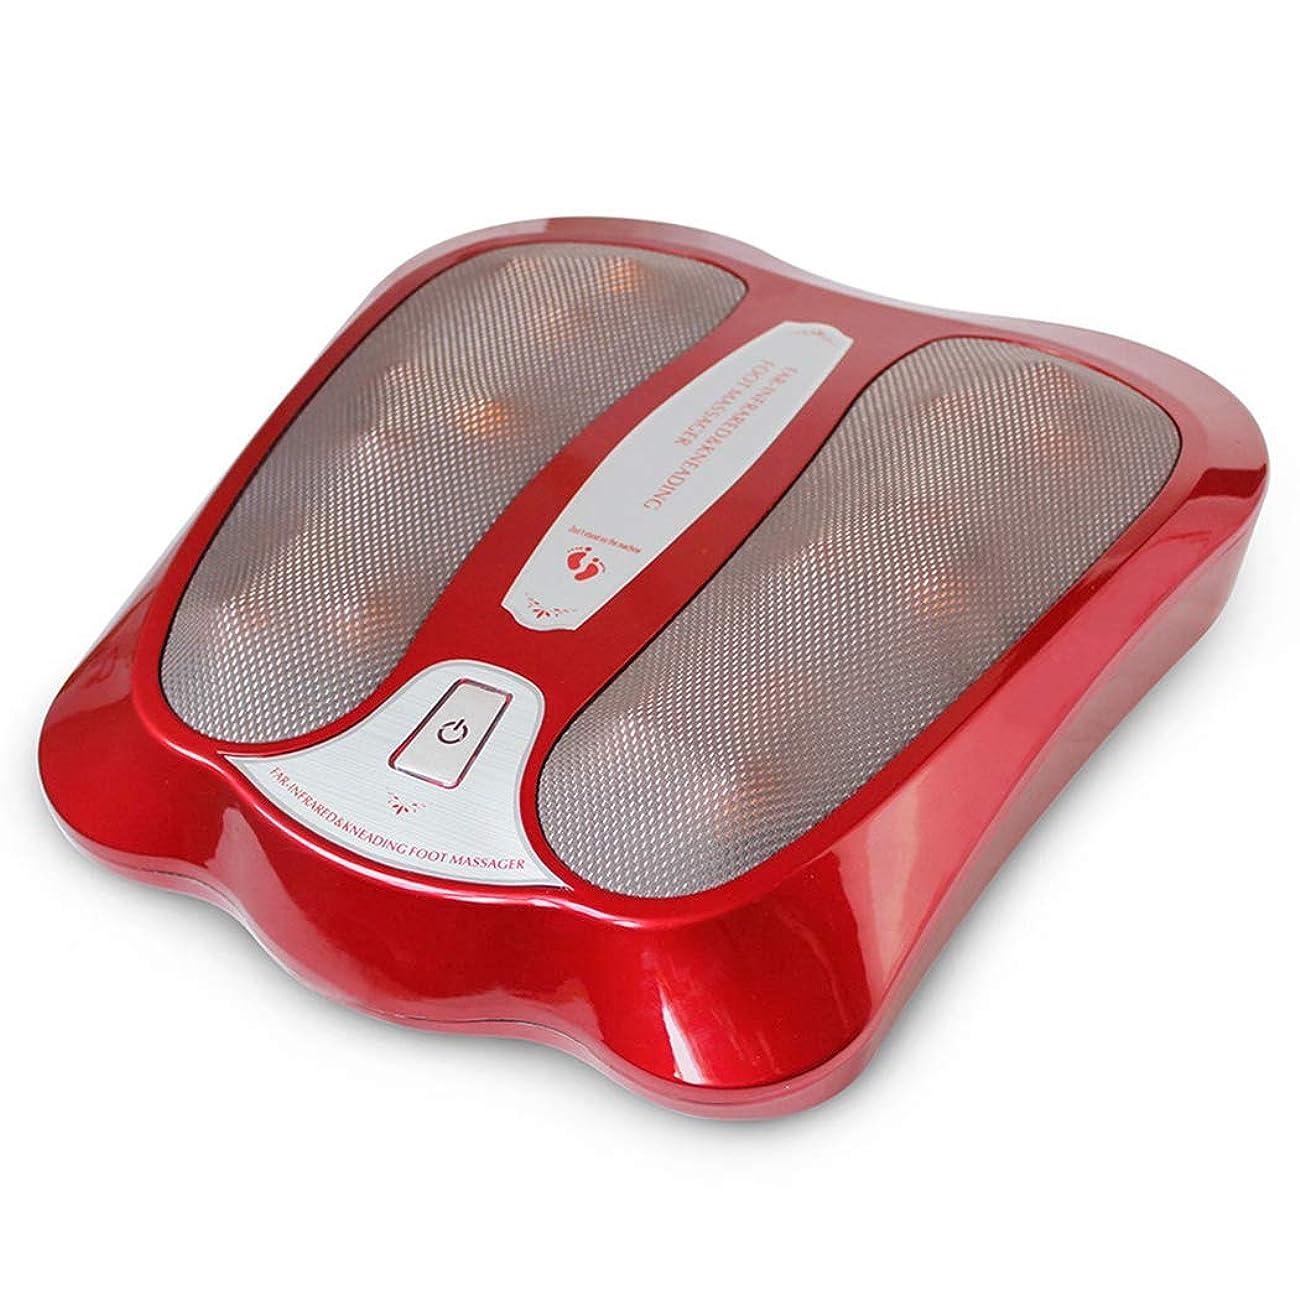 声を出して局フルーティーリモコン 足のマッサージ機、ABS素材、熱を伴う足のマッサージ、家庭での、そしてオフィスでの足裏マッサージとストレス解消のための インテリジェント